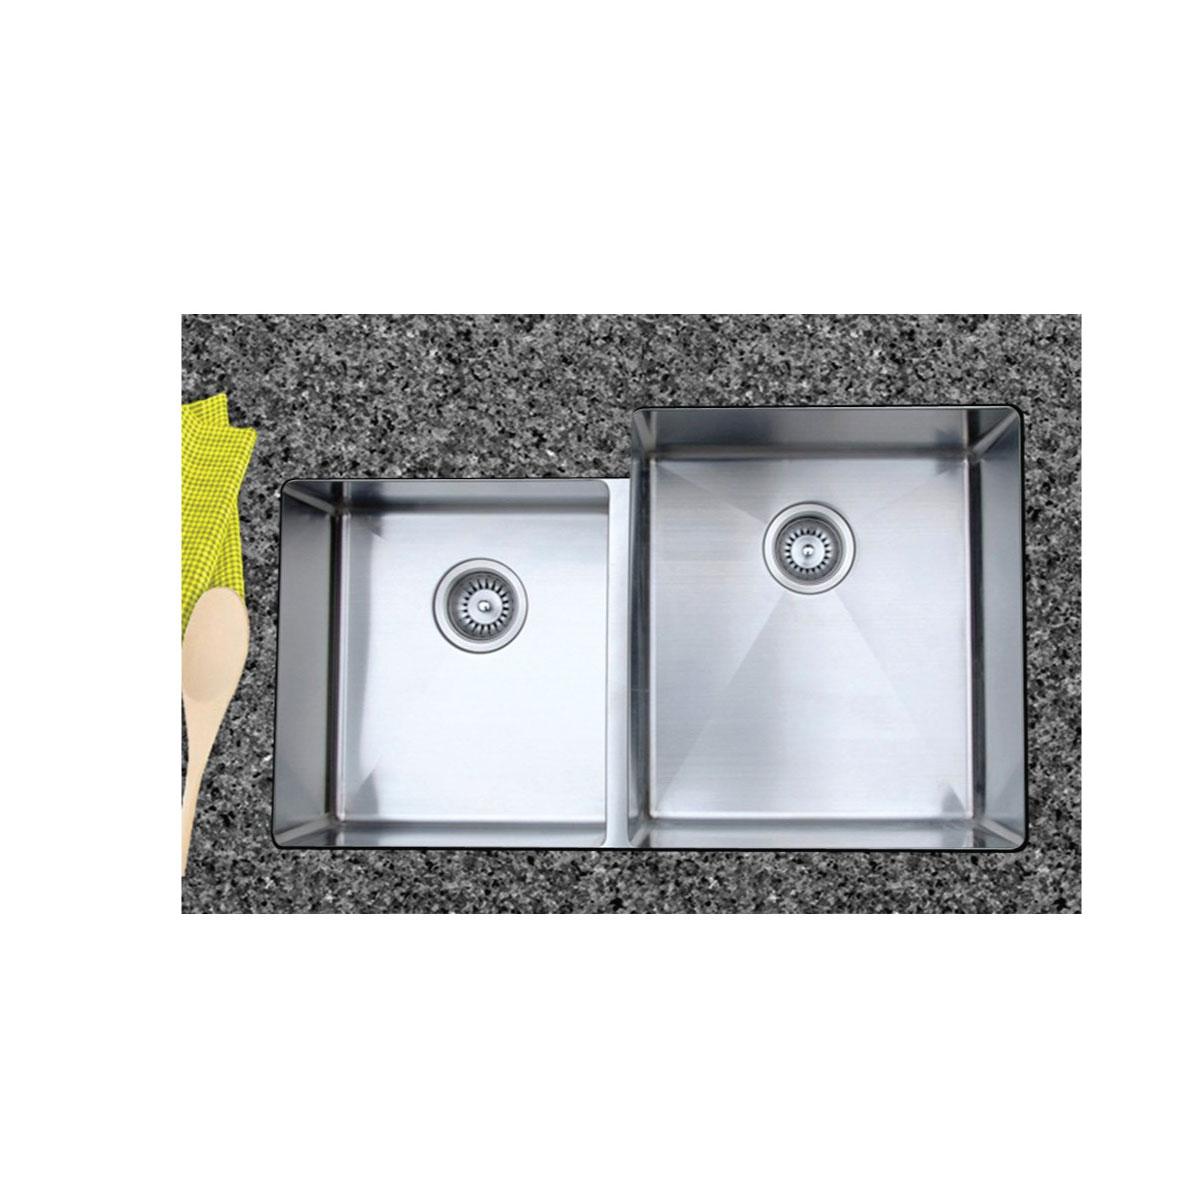 Ukinox RS420.60.40.10R Undermount Sink